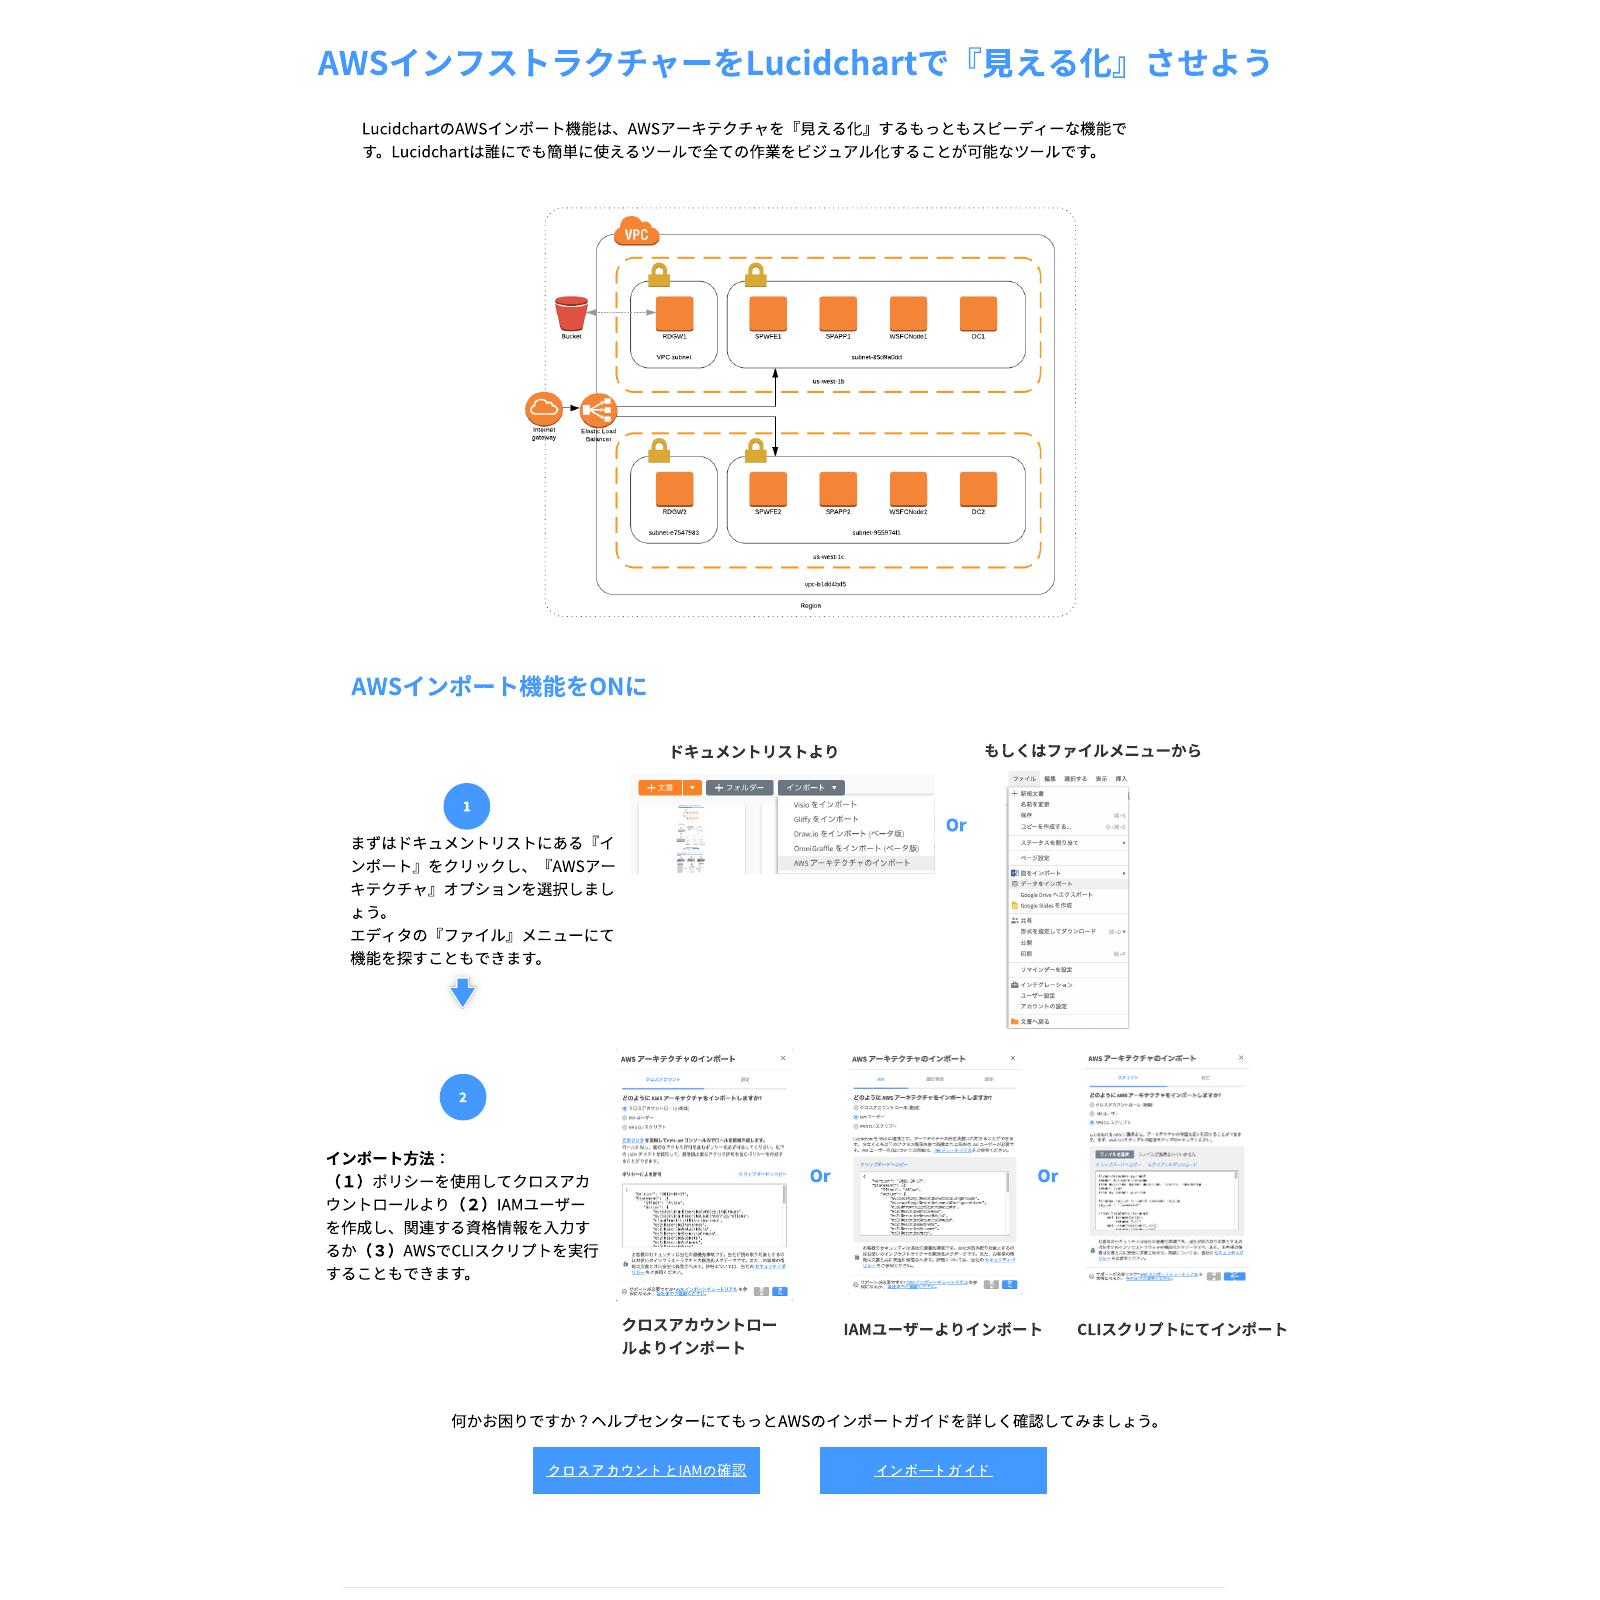 AWS構成図インポートガイド